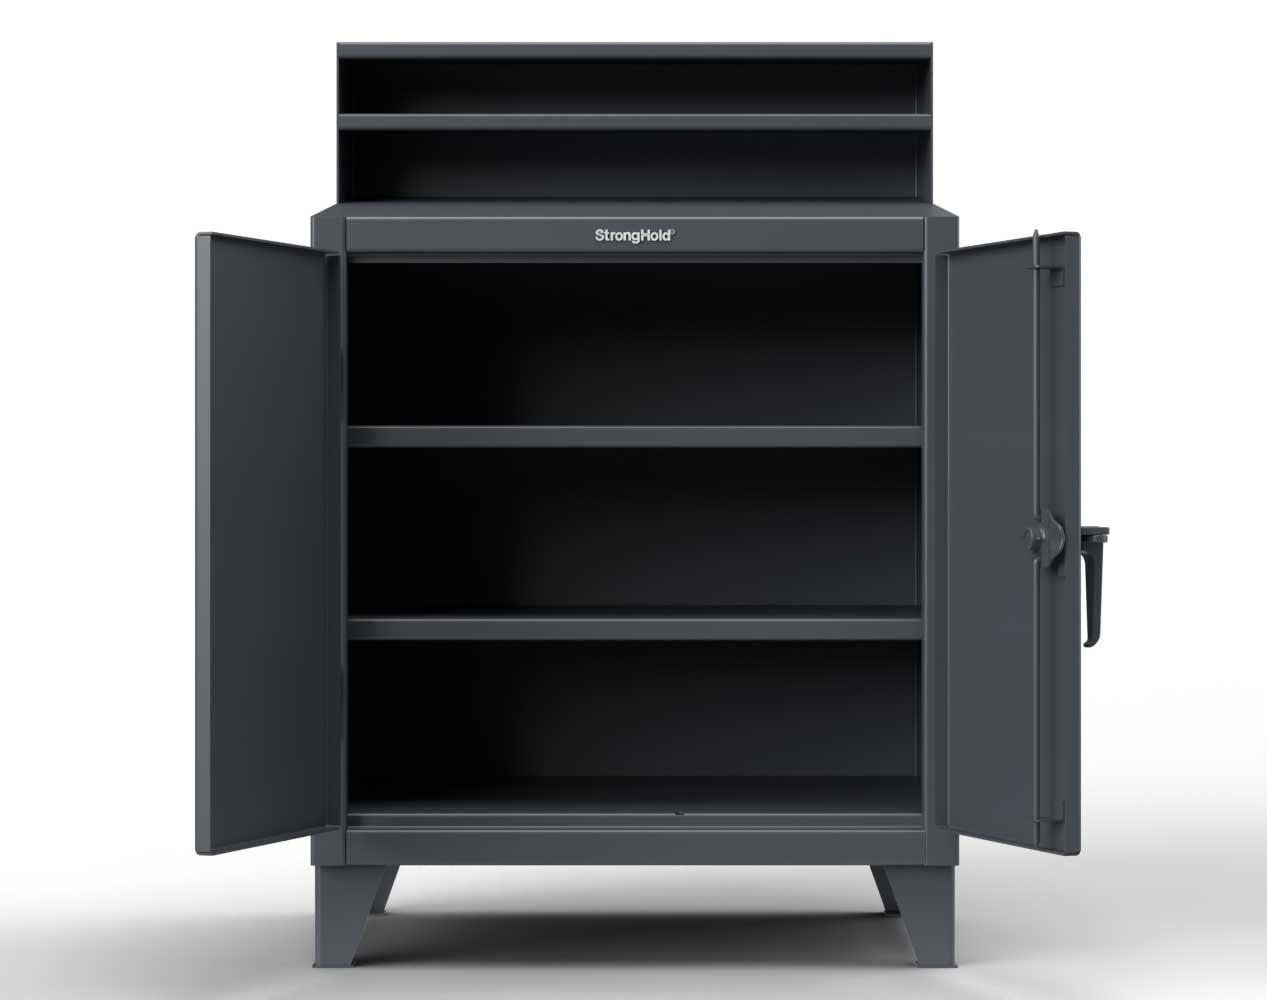 Extra Heavy Duty 12 GA Shop Desk with 2 Shelves, Riser Shelf  – 48 In. W x 28 In. D x 54 In. H